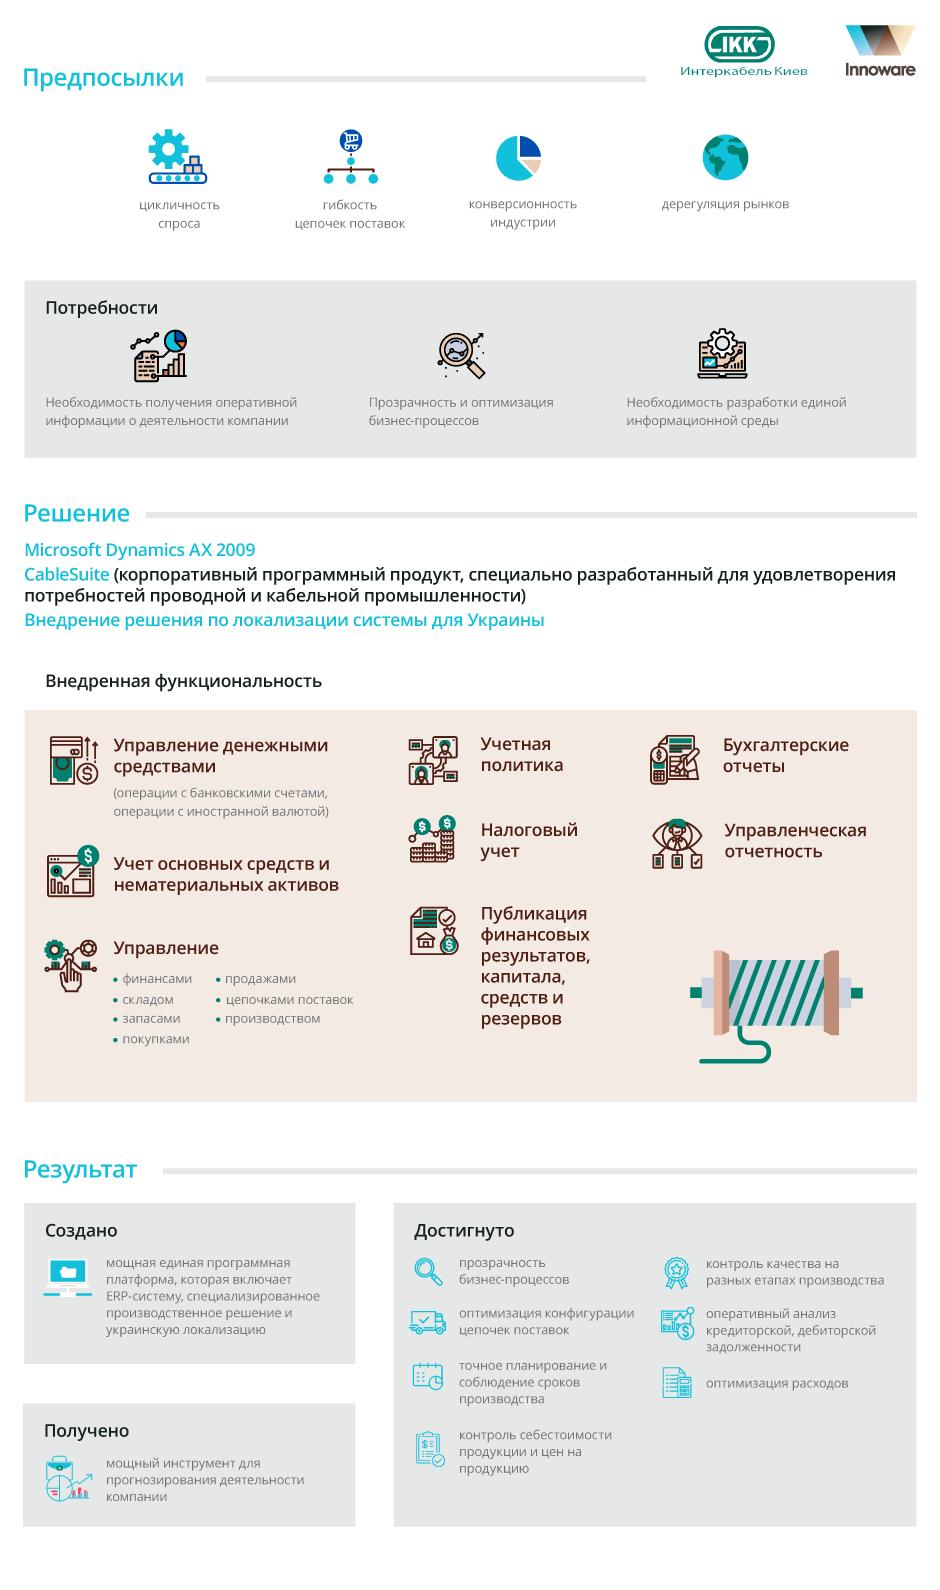 Внедрение Microsoft Dynamics AX в ООО «Интеркабель Киев»